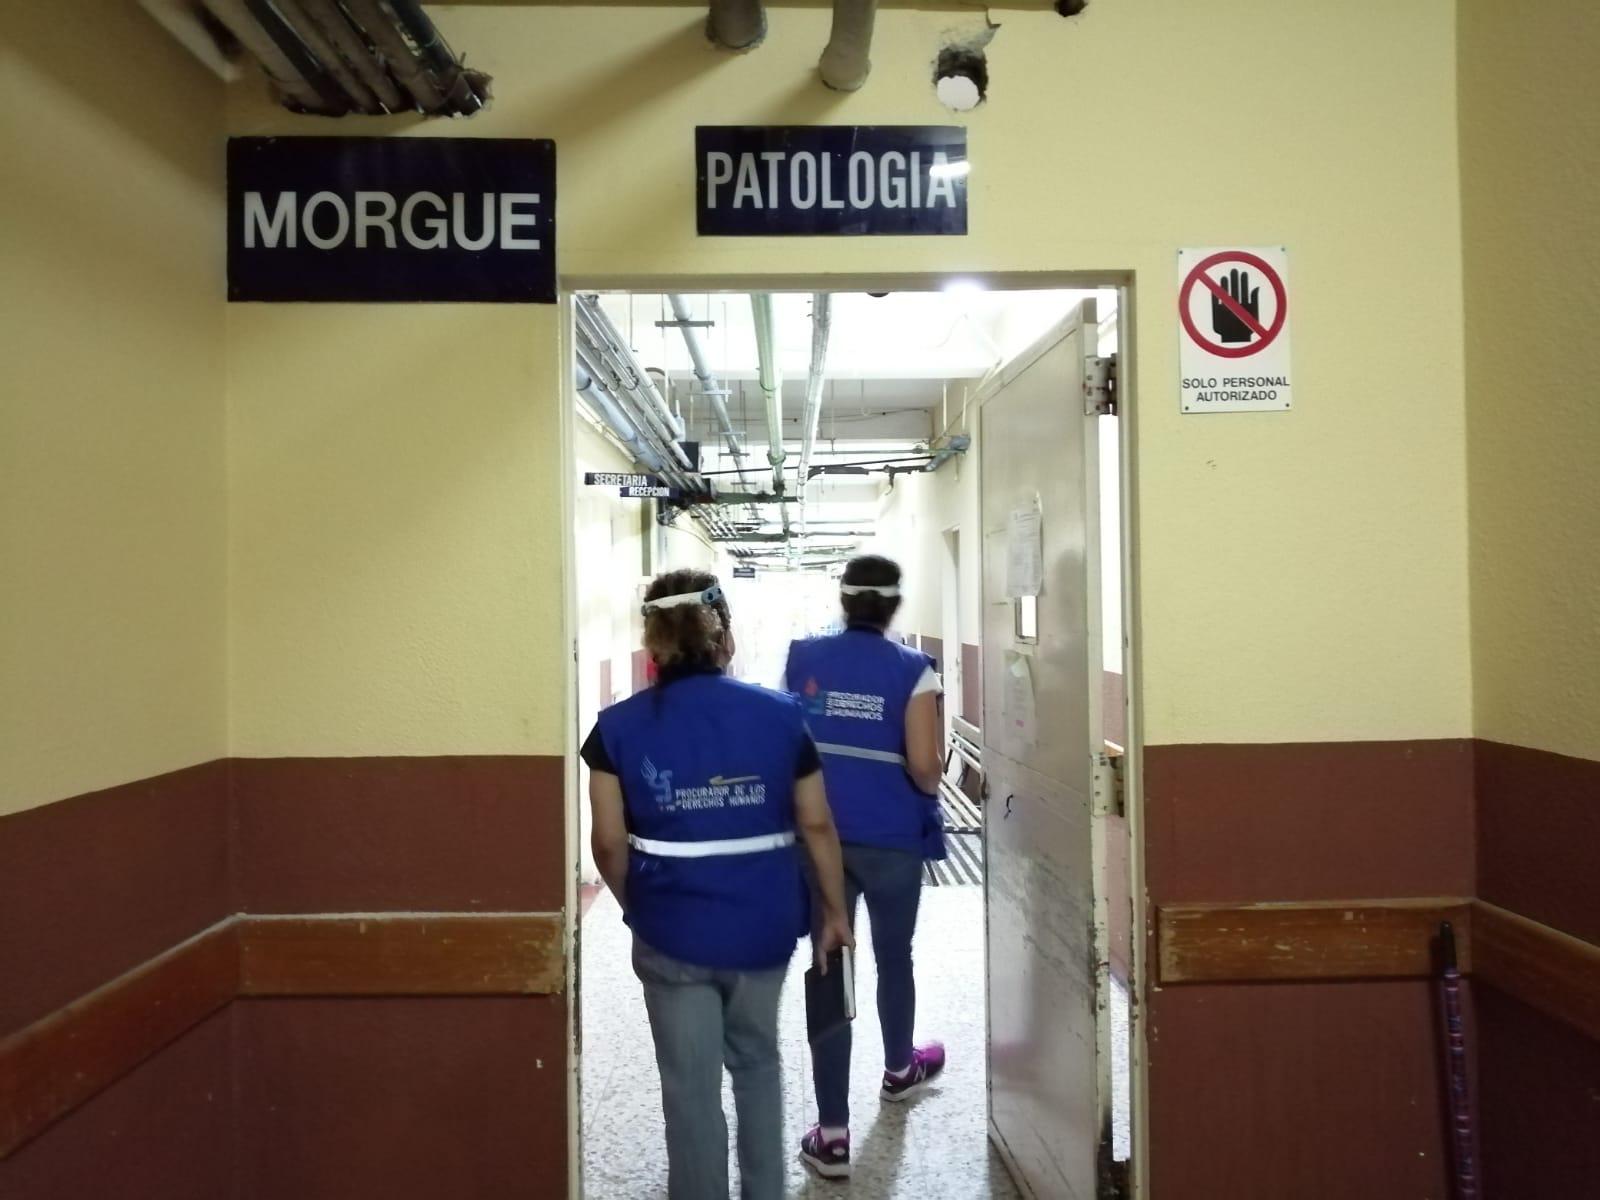 Morgue Hospital Roosevelt